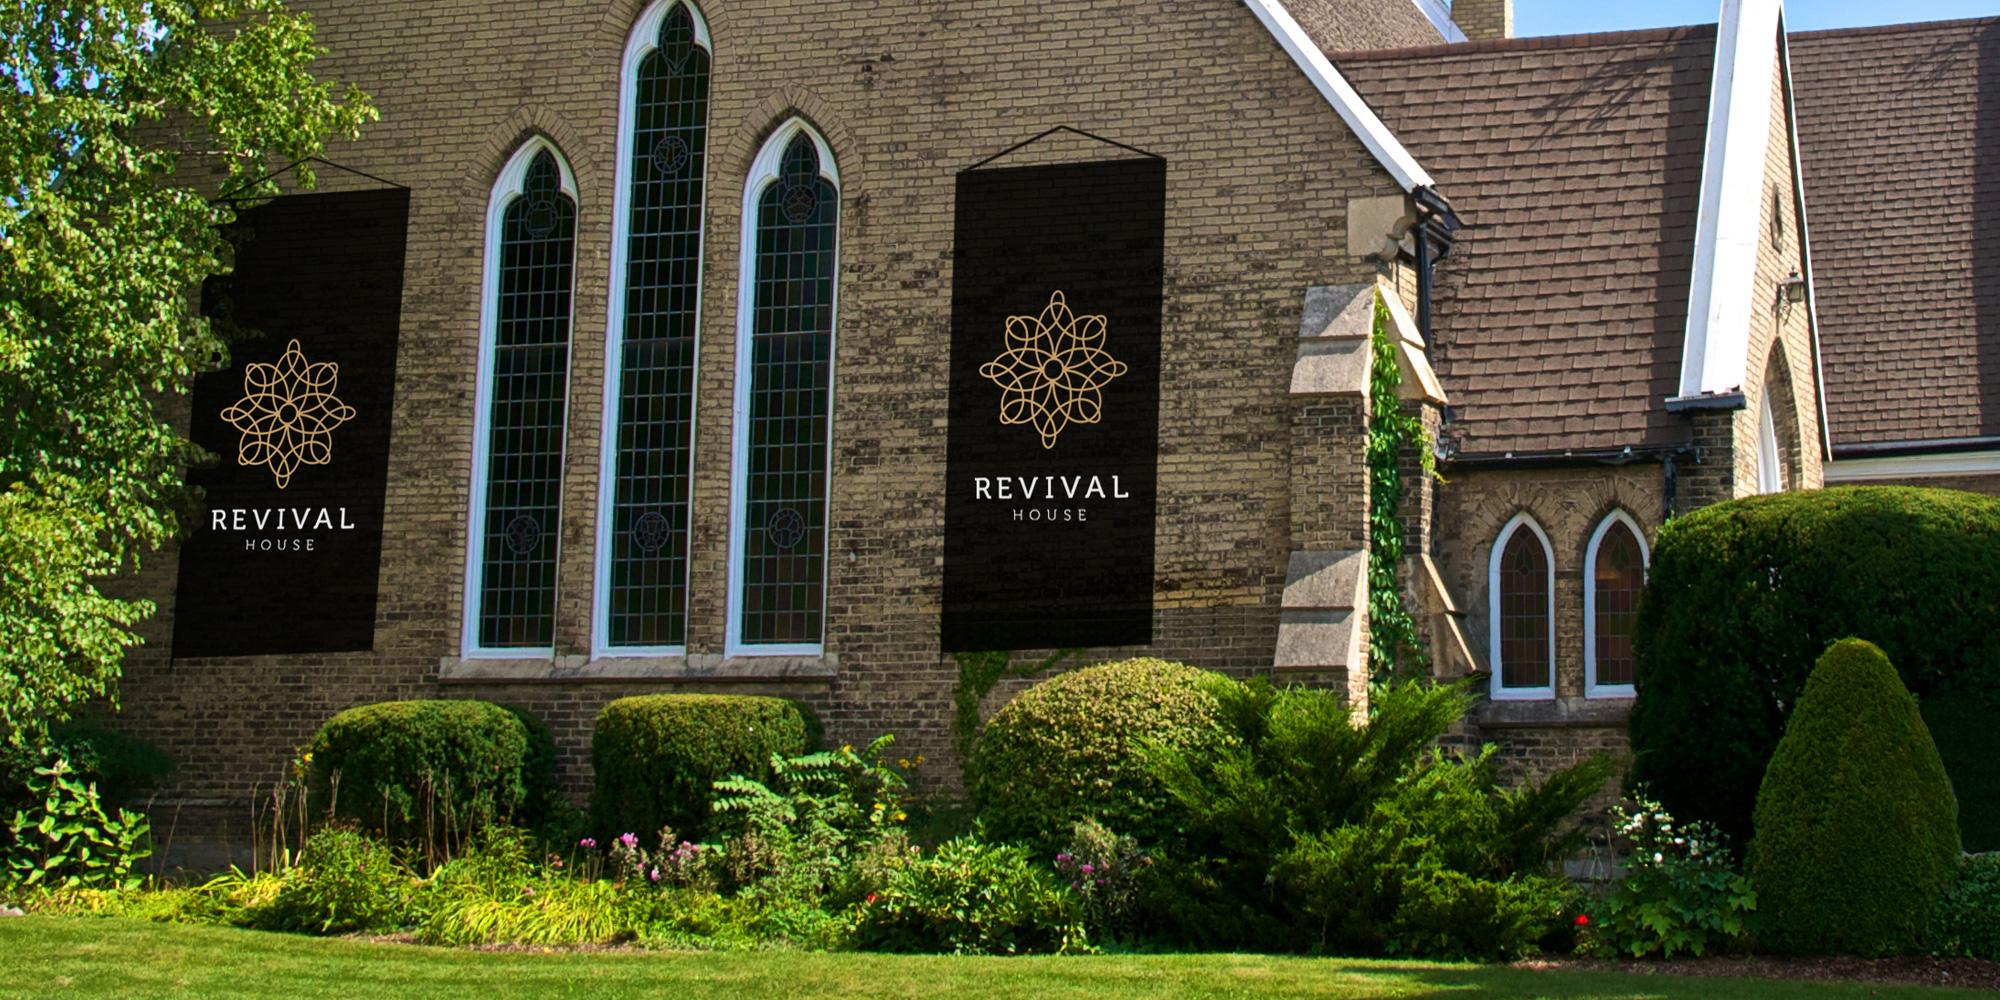 RevivalHouse_Branding_Signs.jpg